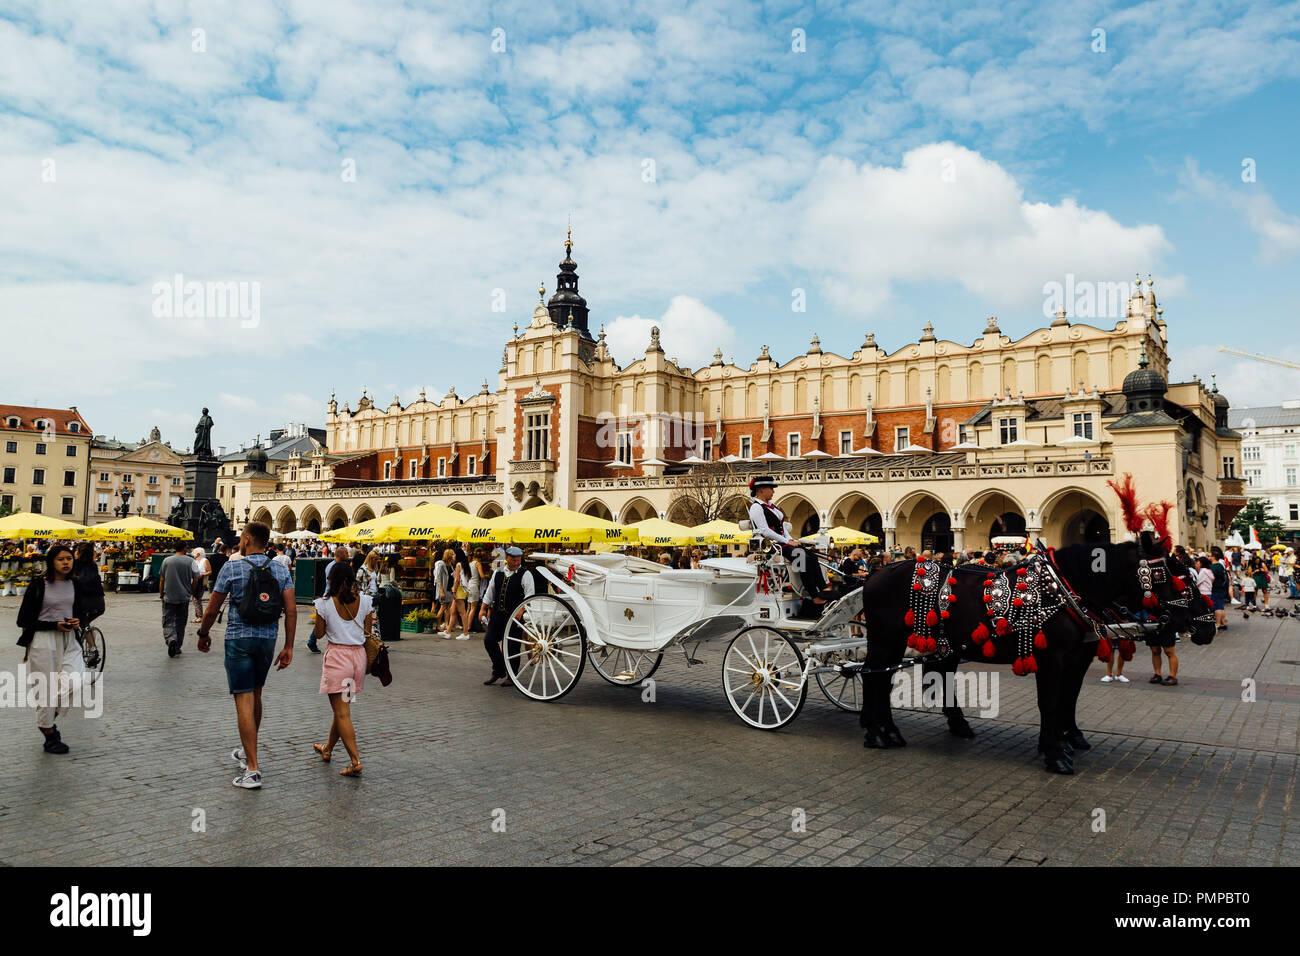 Cracovia, Polonia - Agosto 15th, 2018: Tradicional de caballos esperando a los pasajeros en la parte delantera de la tela Hall en la principal plaza del mercado de Cracovia. Foto de stock